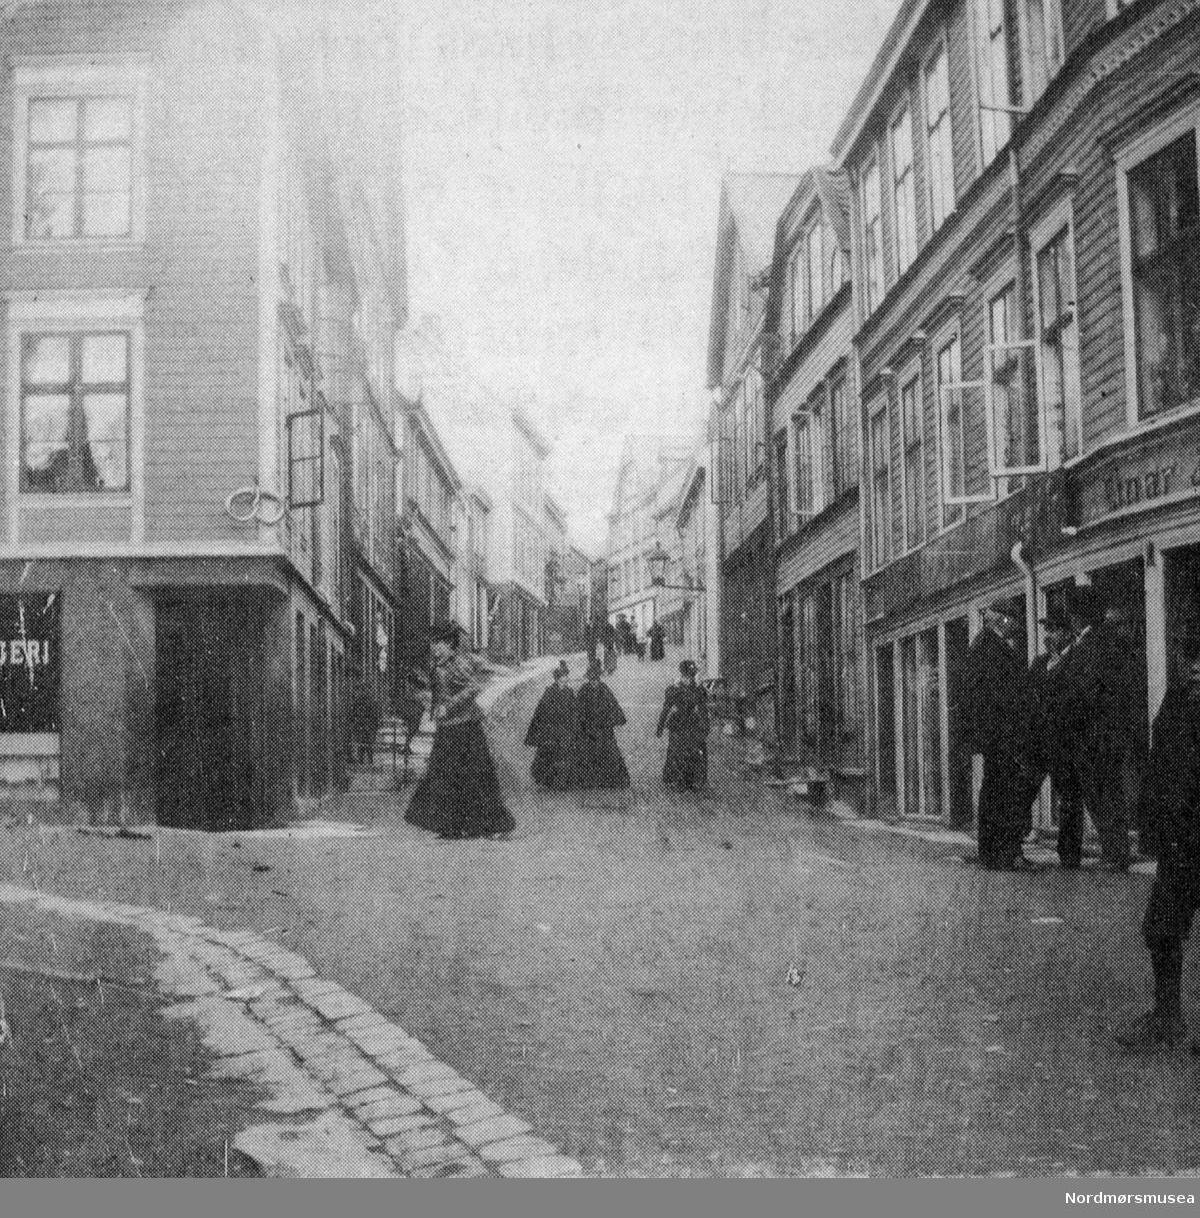 Søstrene Caroline (gift Knudtzon), Anna og Hilda Werring spaserer foran dr Werrings hus i Hauggt 12 (m/parafinlykt) ca 1895. (Fra Nordmøre Museums fotosamling)